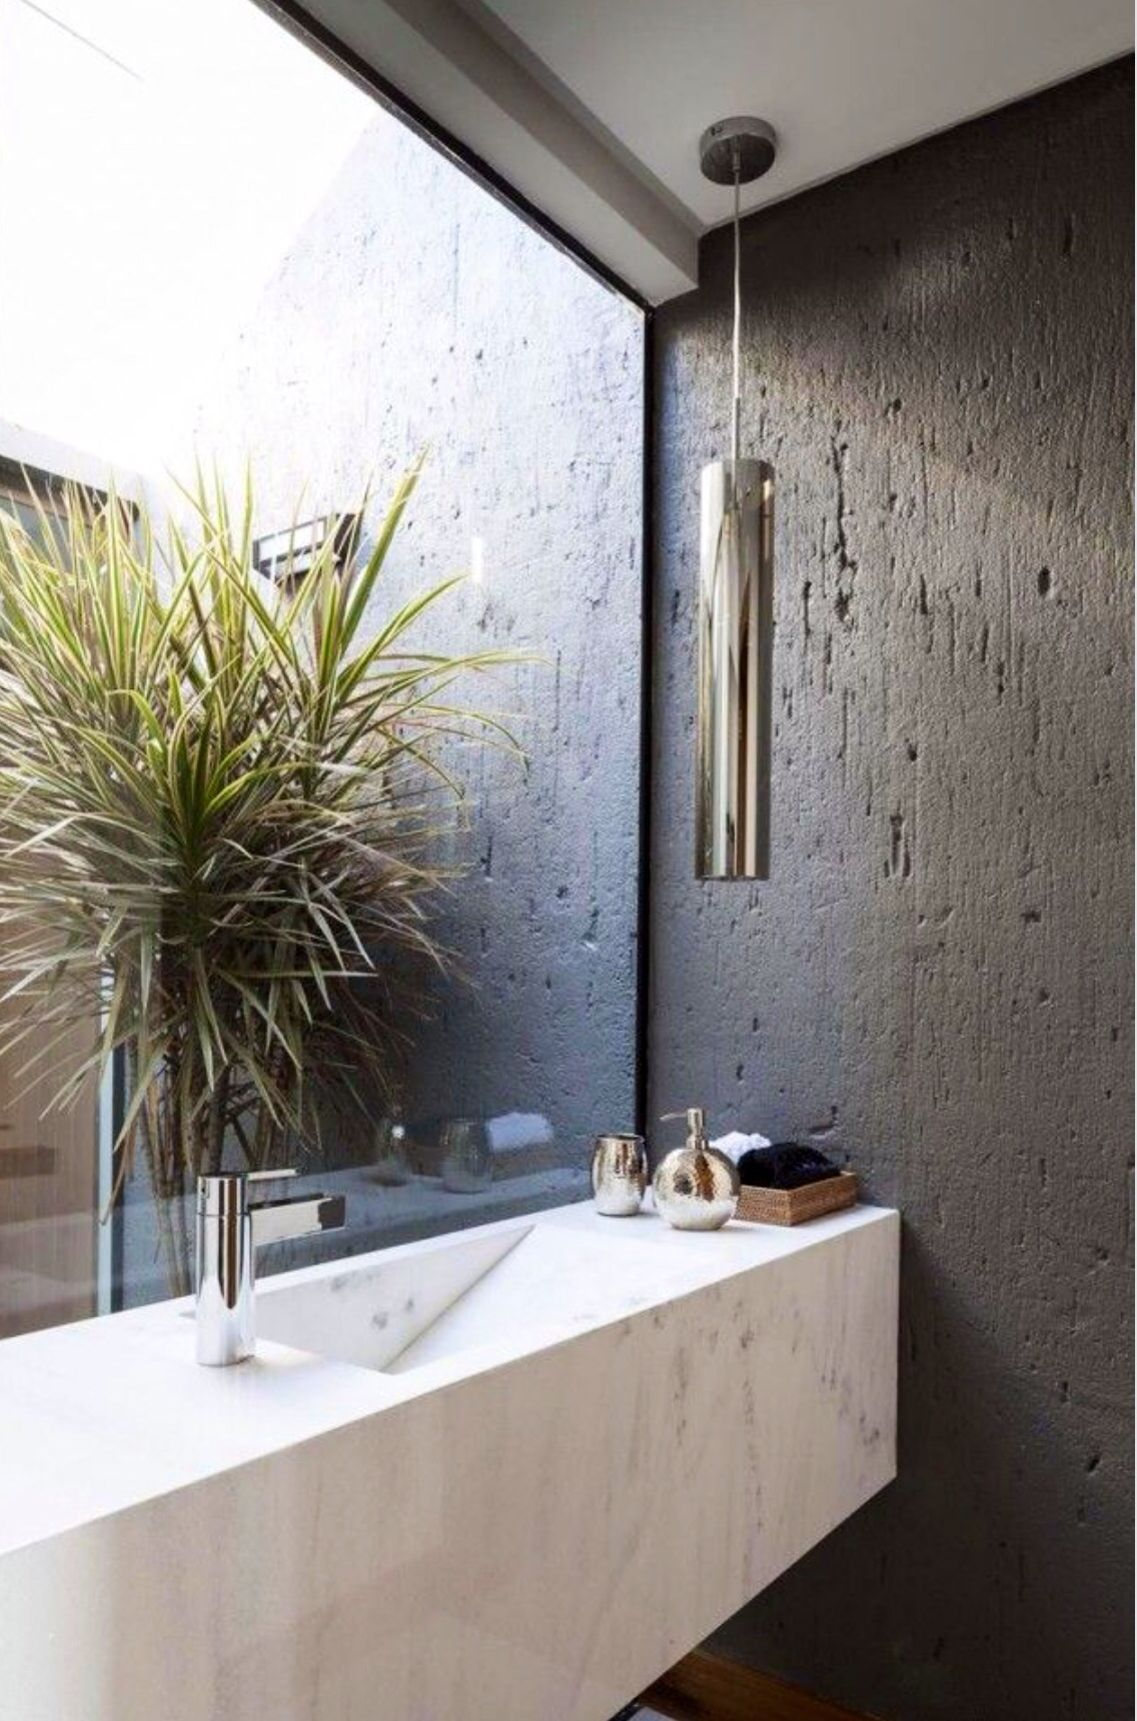 banheiros modernos lavabos banhos ideias banheiro casal banheiro top #7D744E 1137 1721